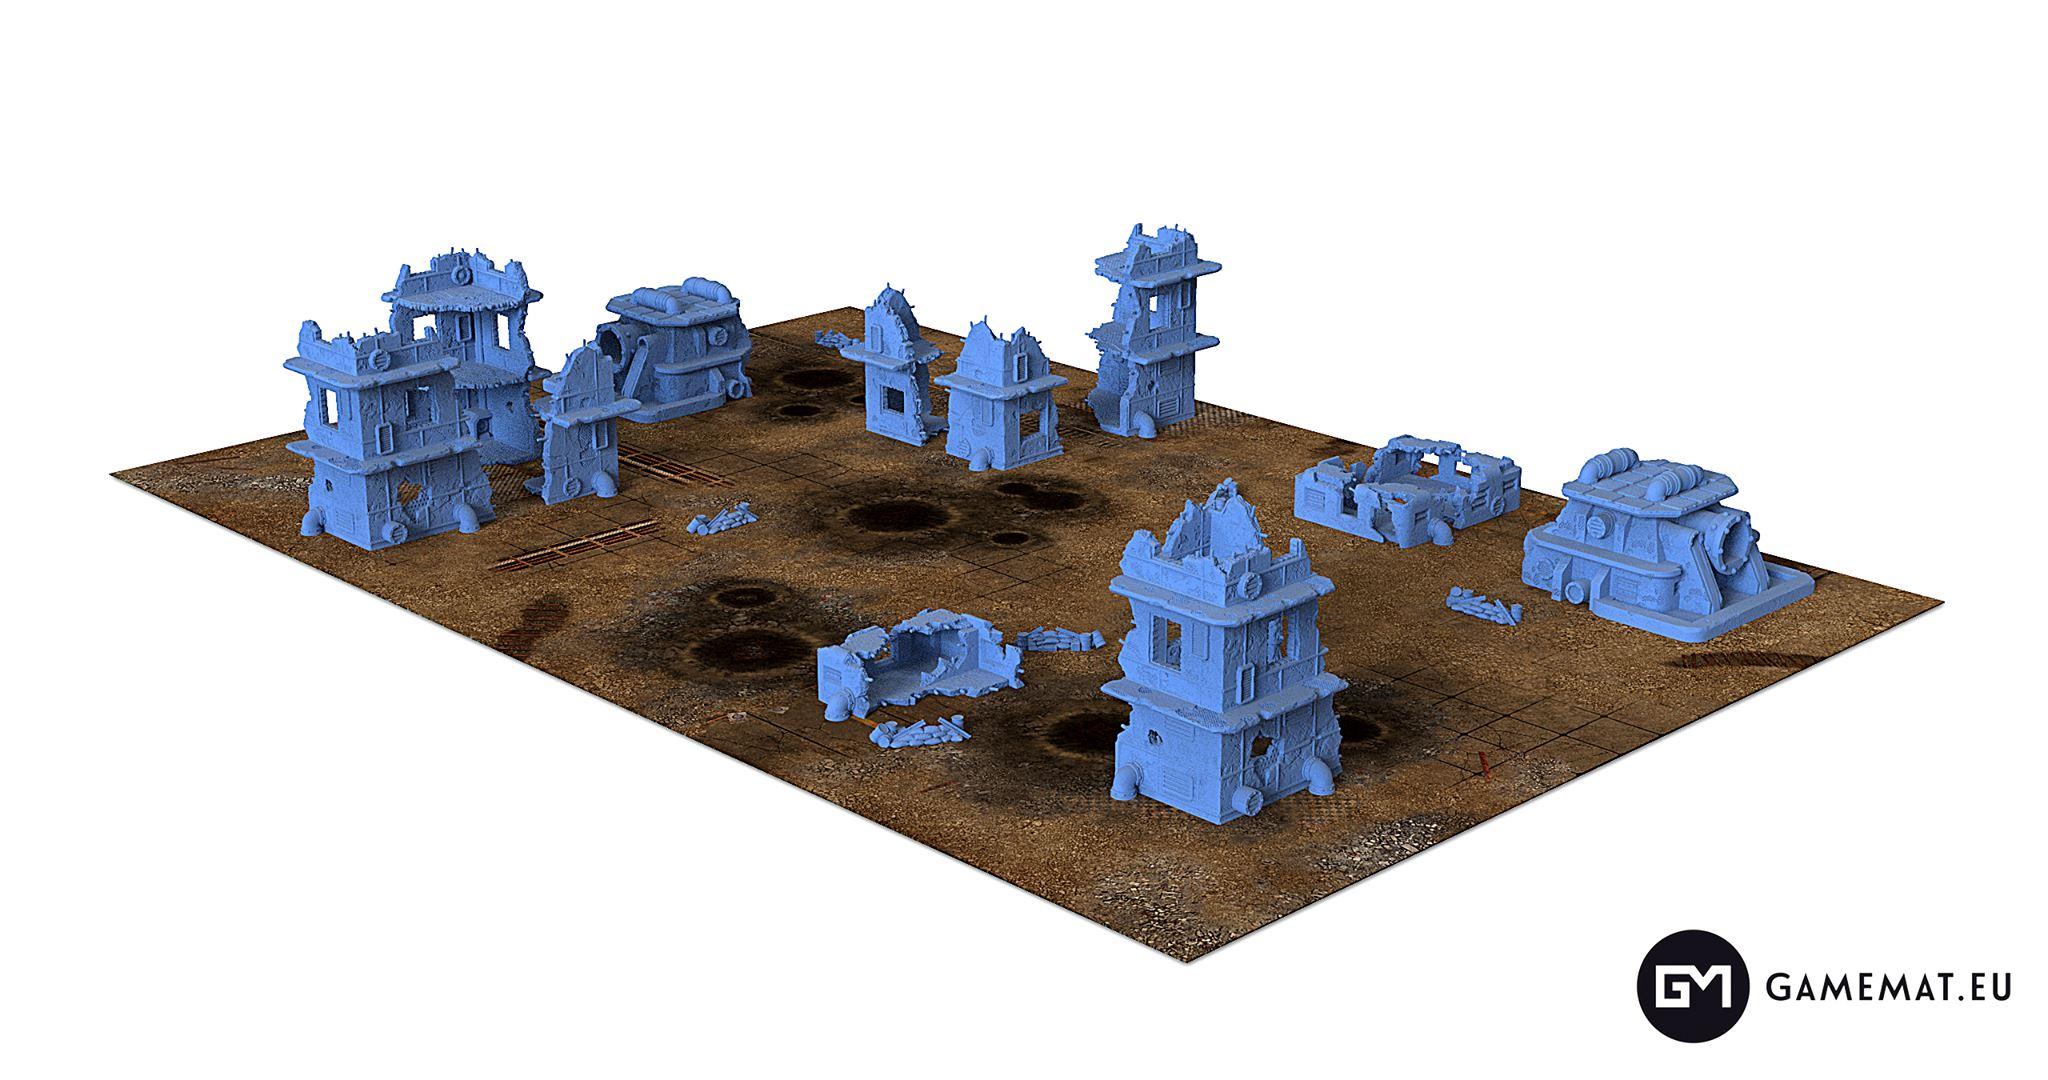 Gamemat.eu Fallout Zone terrain set, part 4!